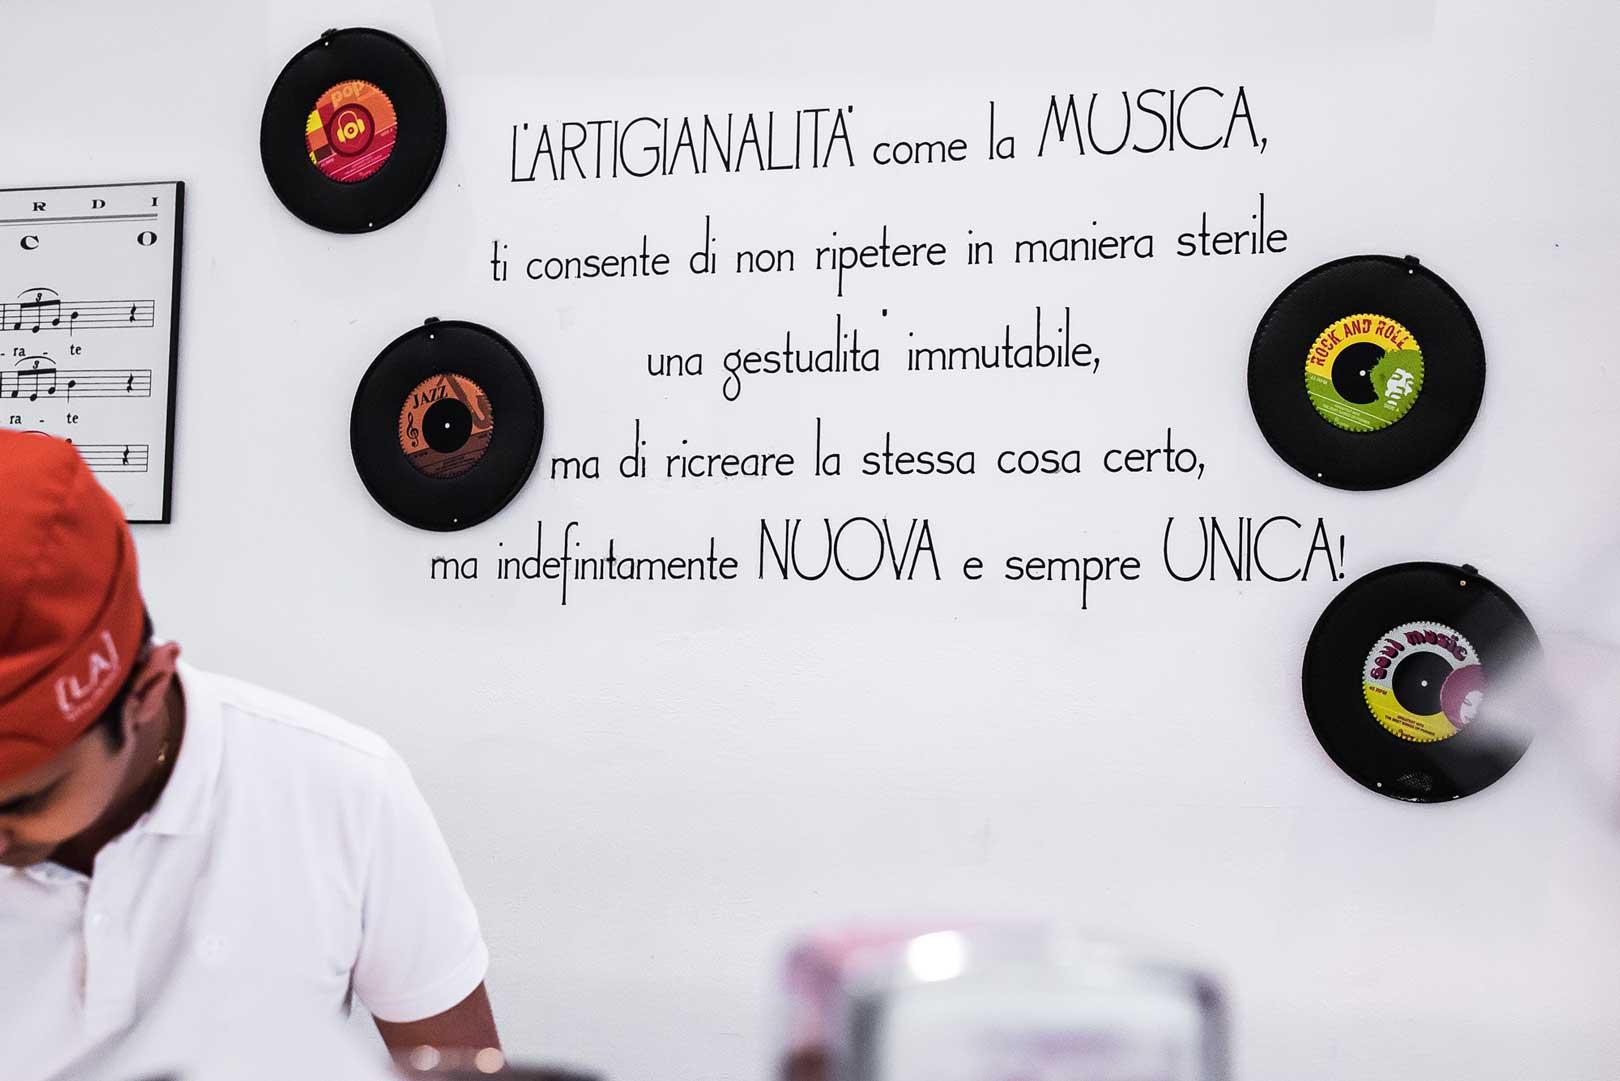 La gelateria della musica flawless milano the lifestyle guide